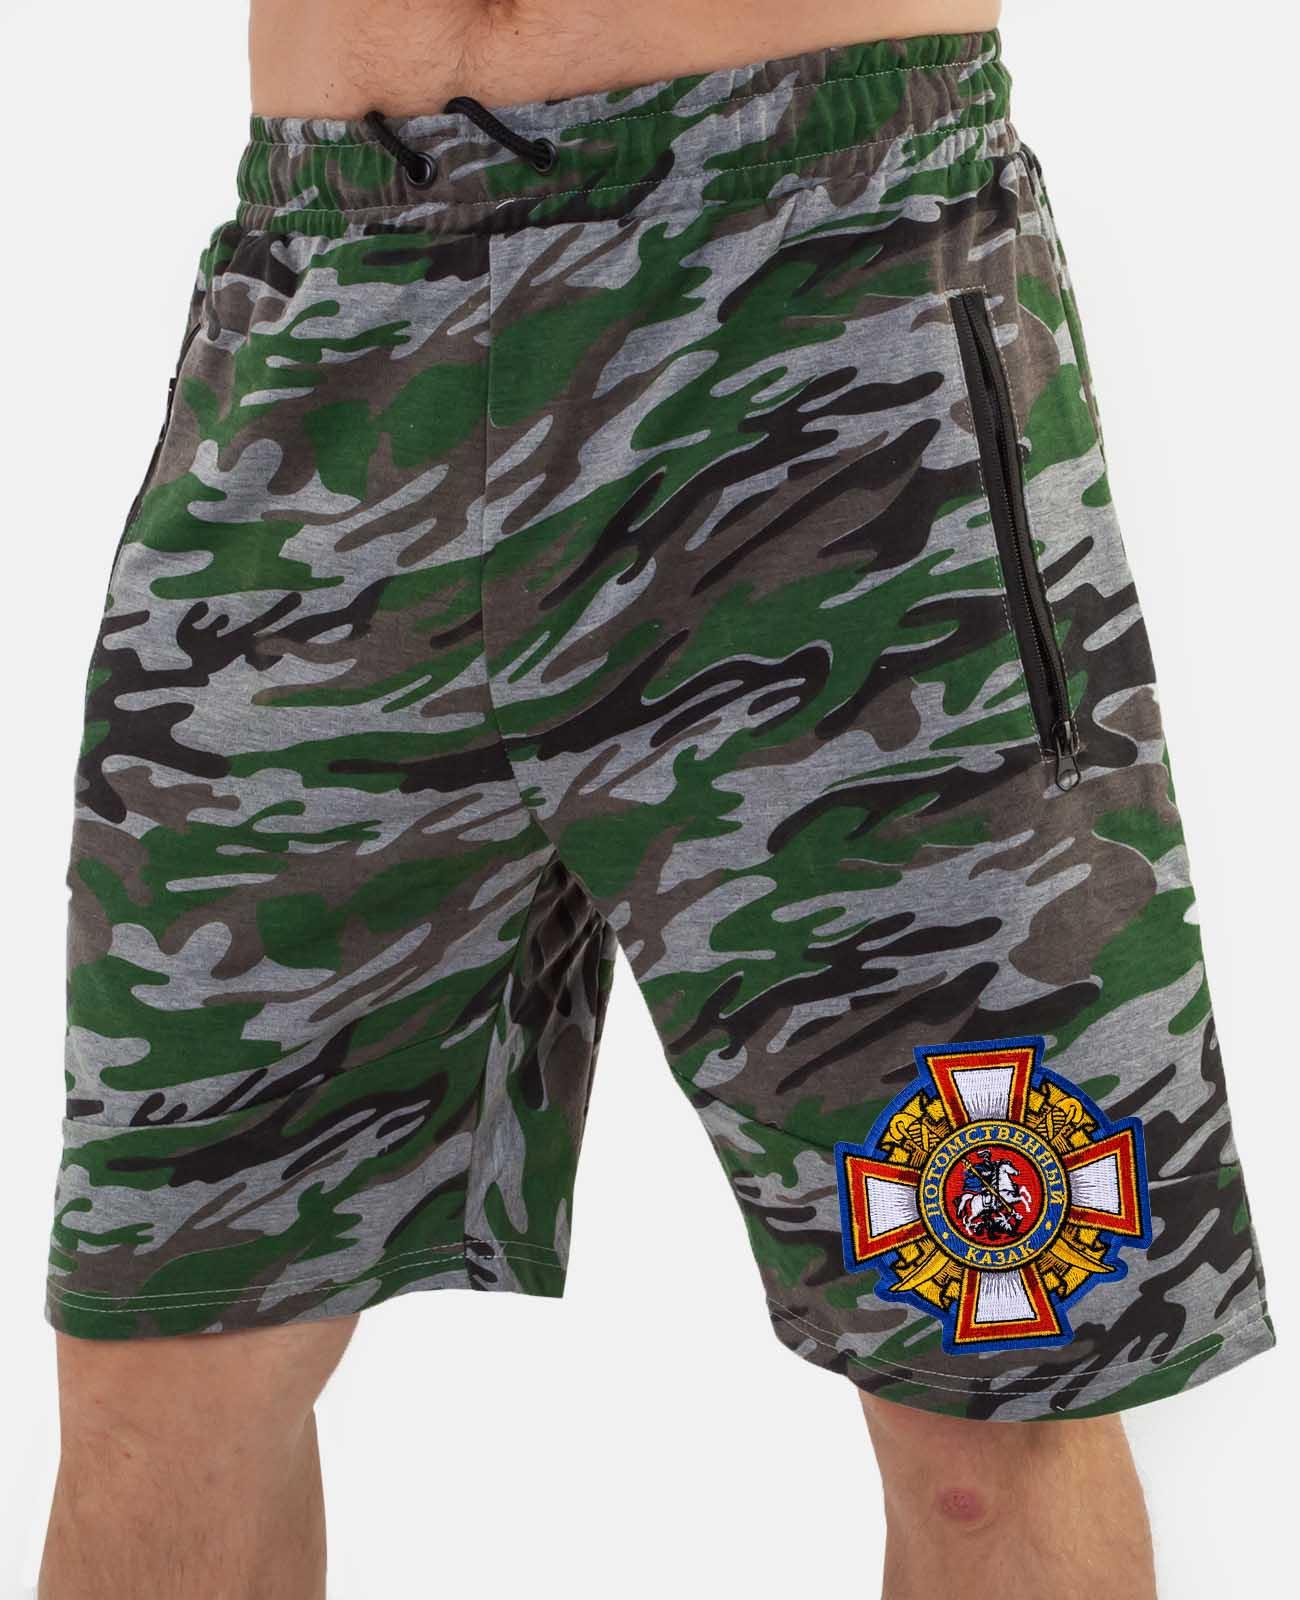 Мужские армейские шорты с казачьей нашивкой заказать в подарок